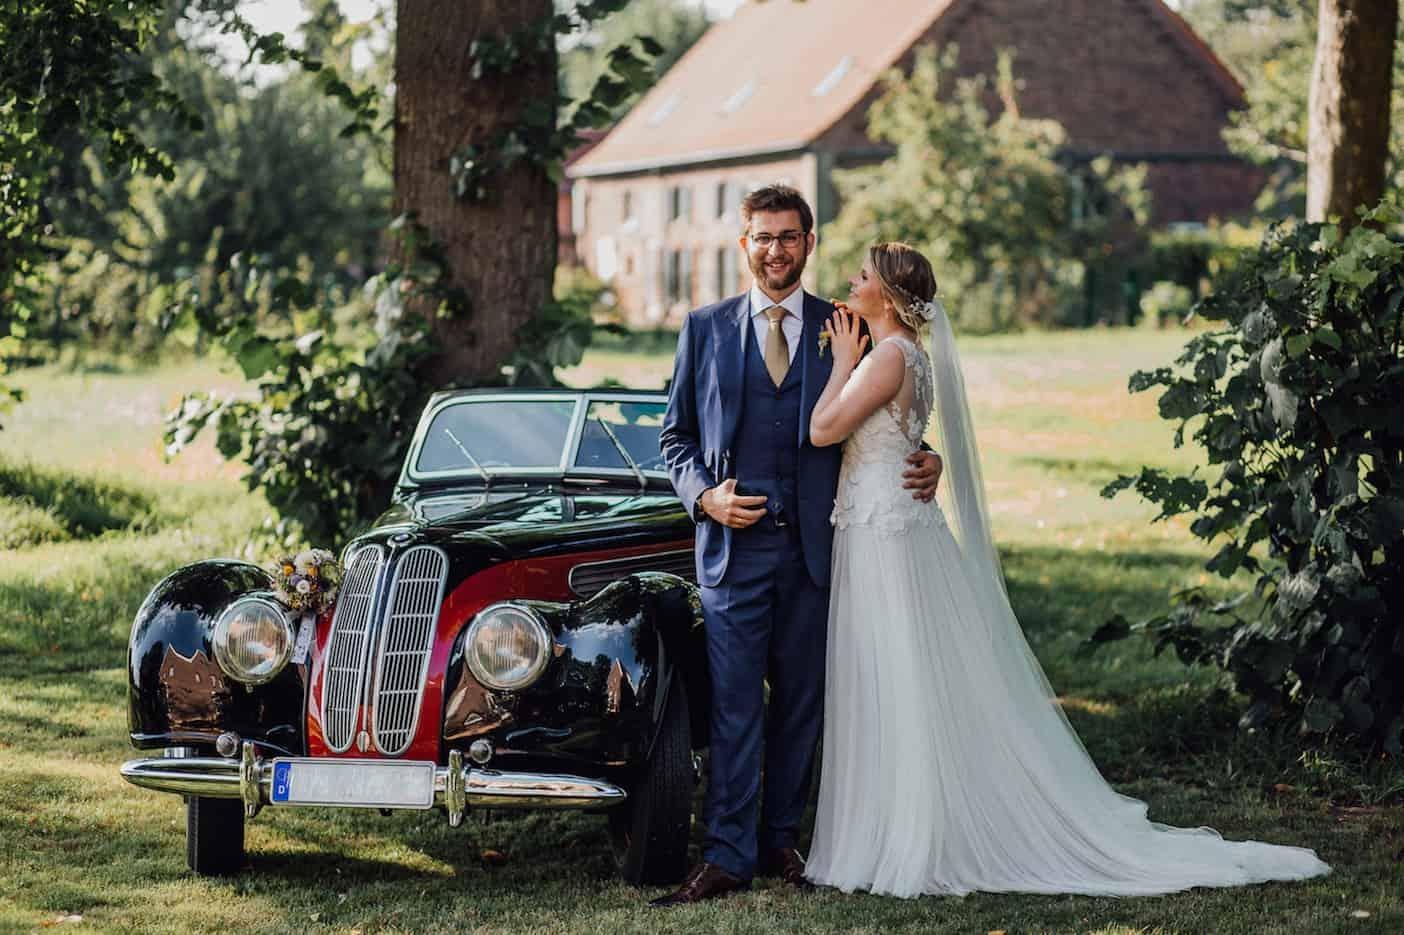 Hochzeit von Laura und Marco in Münster: Brautpaar steht vor einem historischen Auto